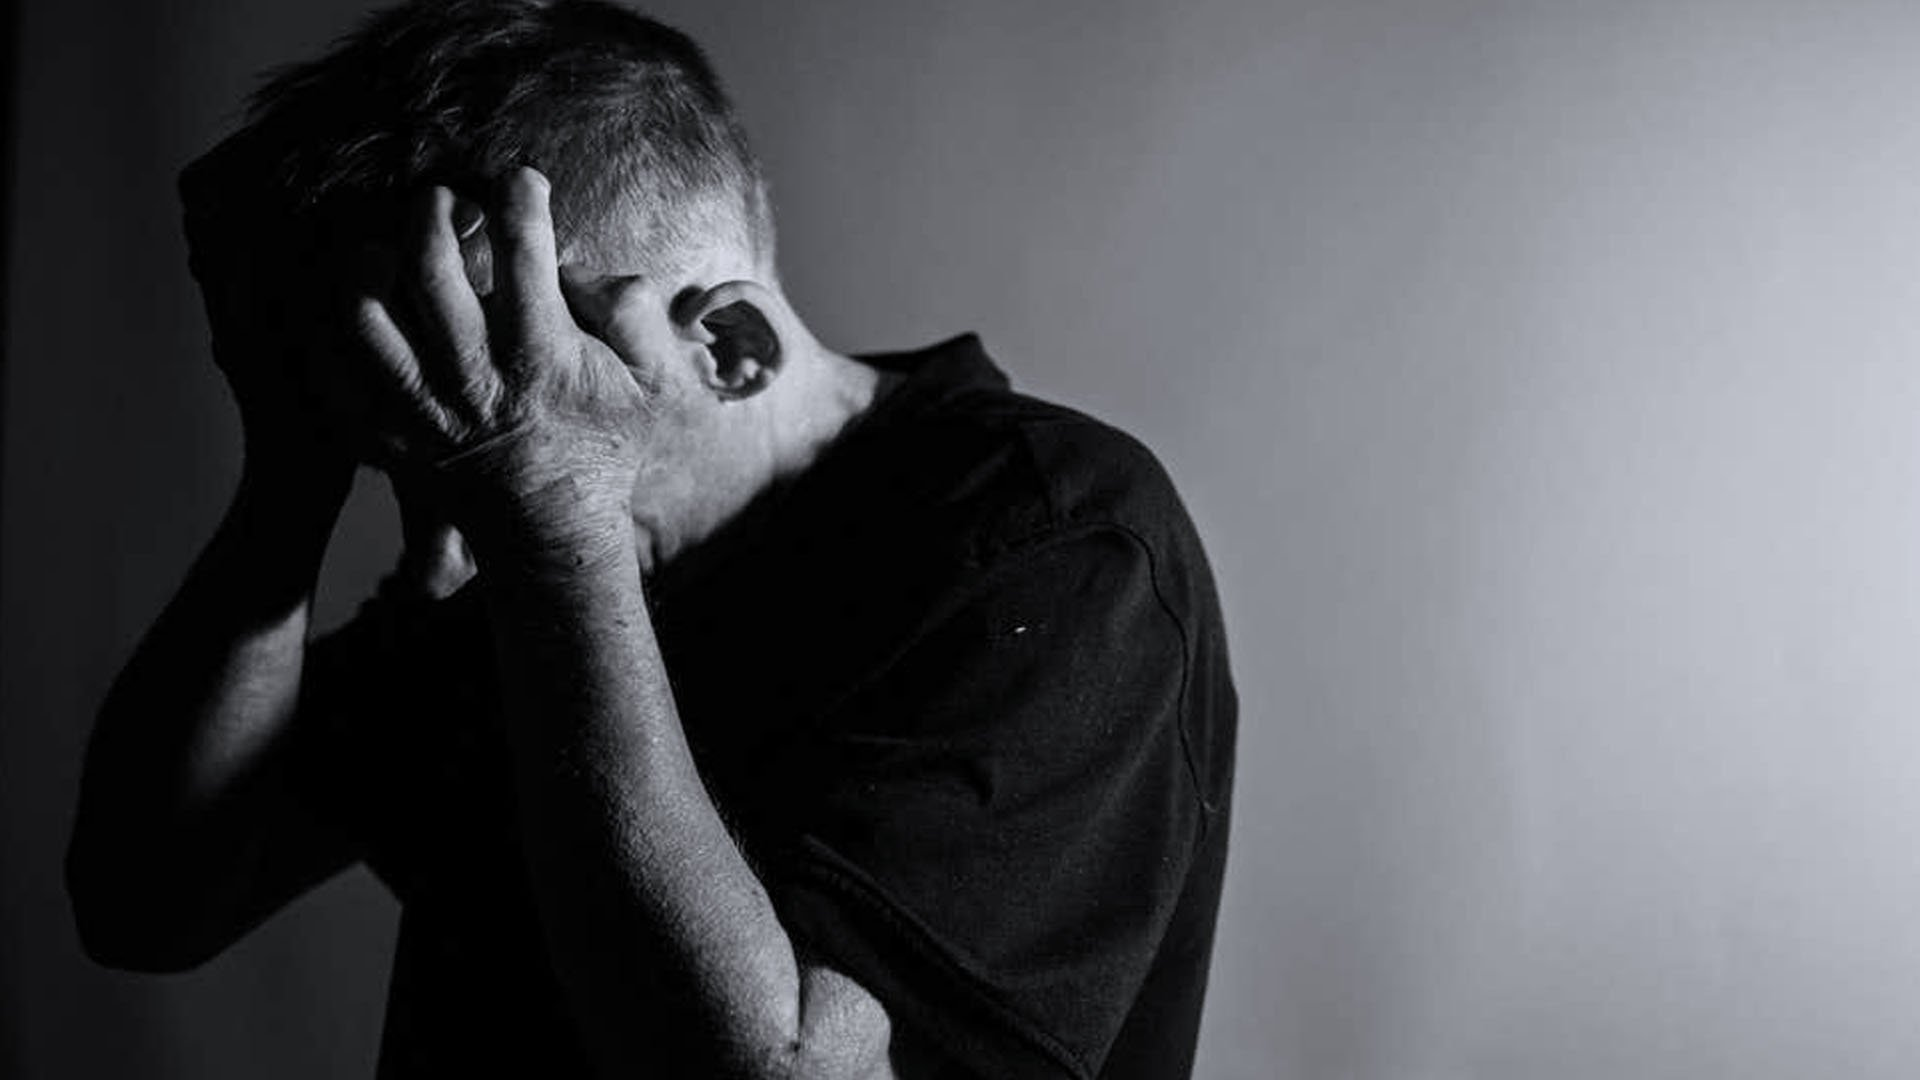 La violenza psicologica è violenza. Come riconoscerla